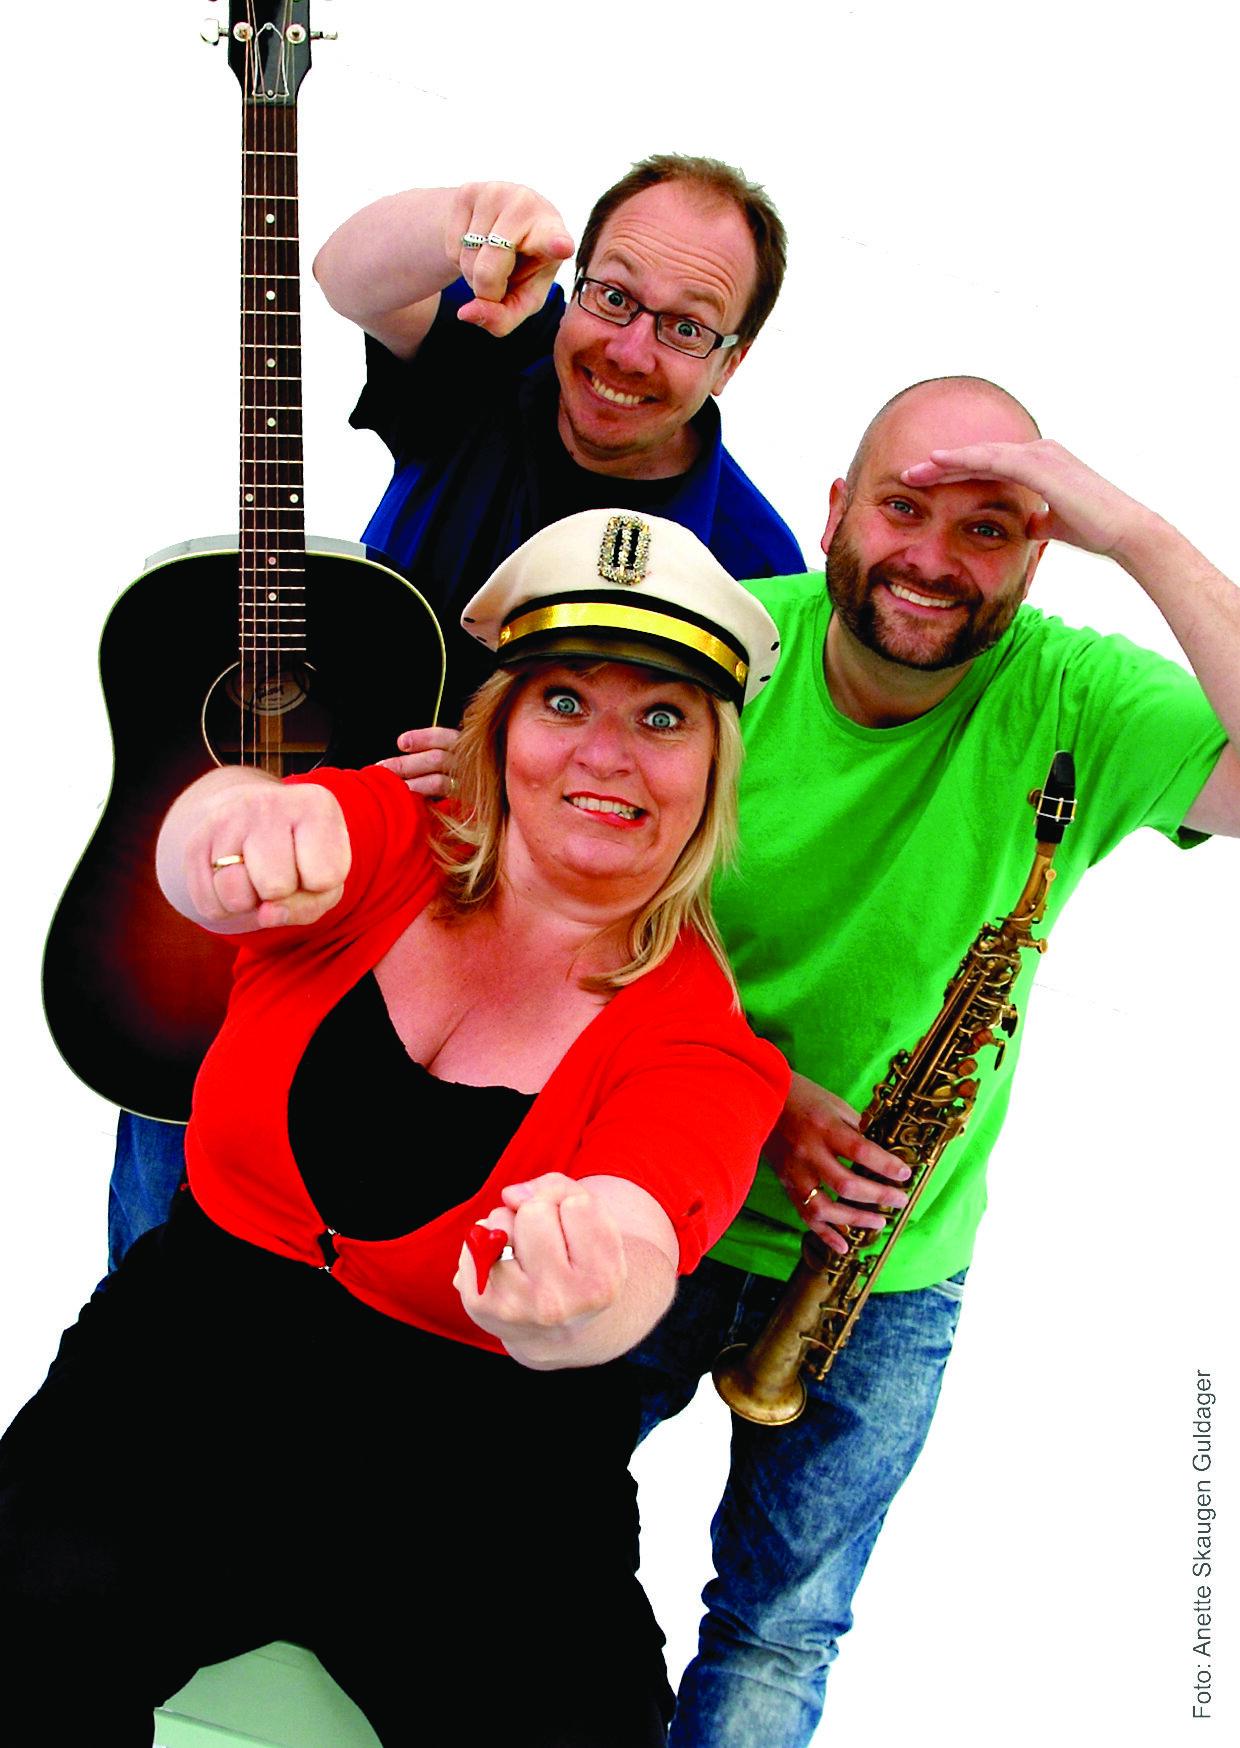 SMÅTING består av Erik Damberg - gitar, André Kassen - saksofon og Ingrid Nåvik Grønlund - sang. Foto: Anette S Guldager